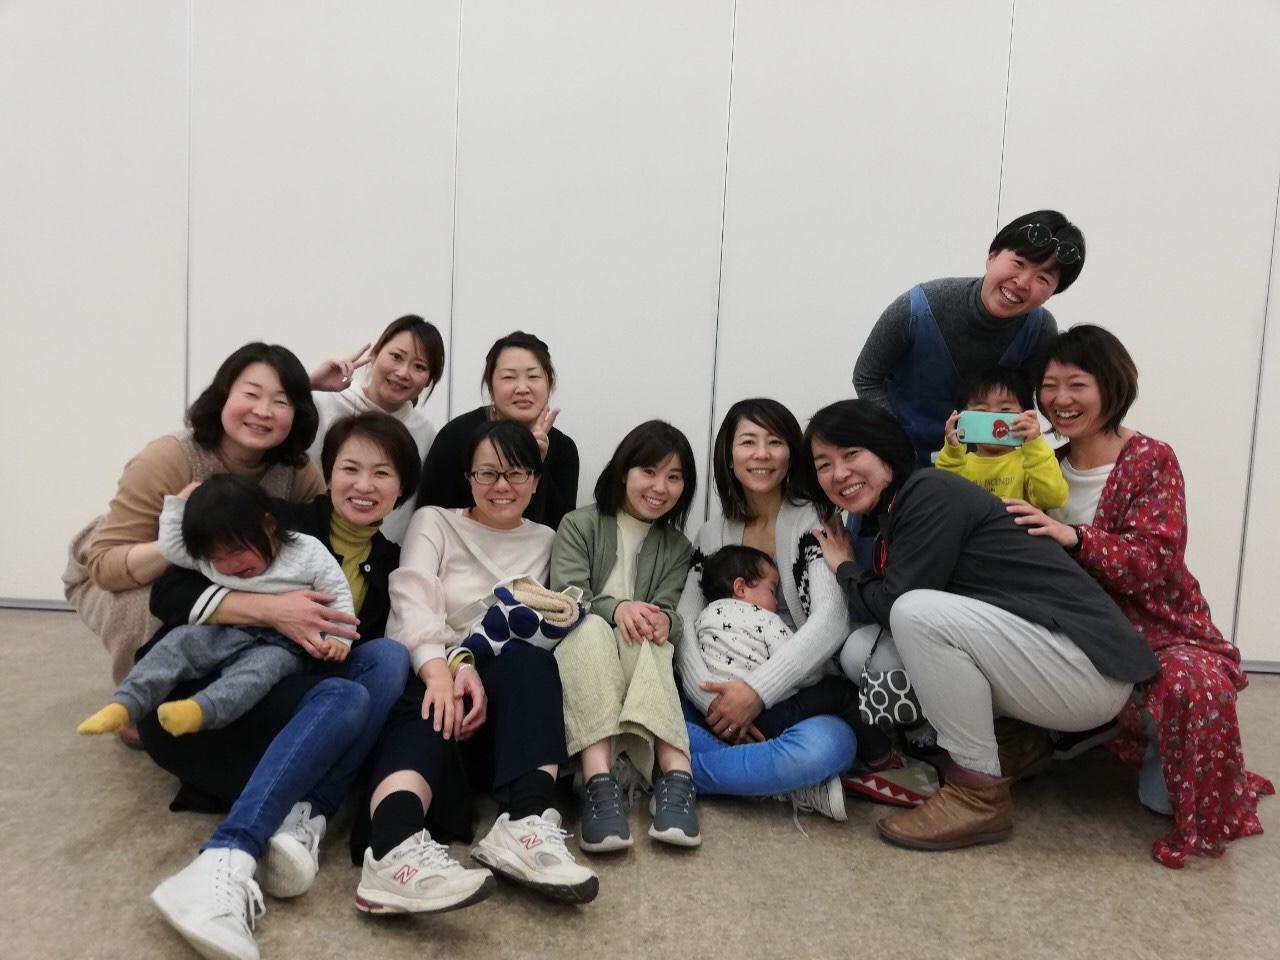 2020年 3月24日 1010HAPPY藤沢クラスカウントダウンだ!!!!!〜10日前〜4冊から見える自分編!